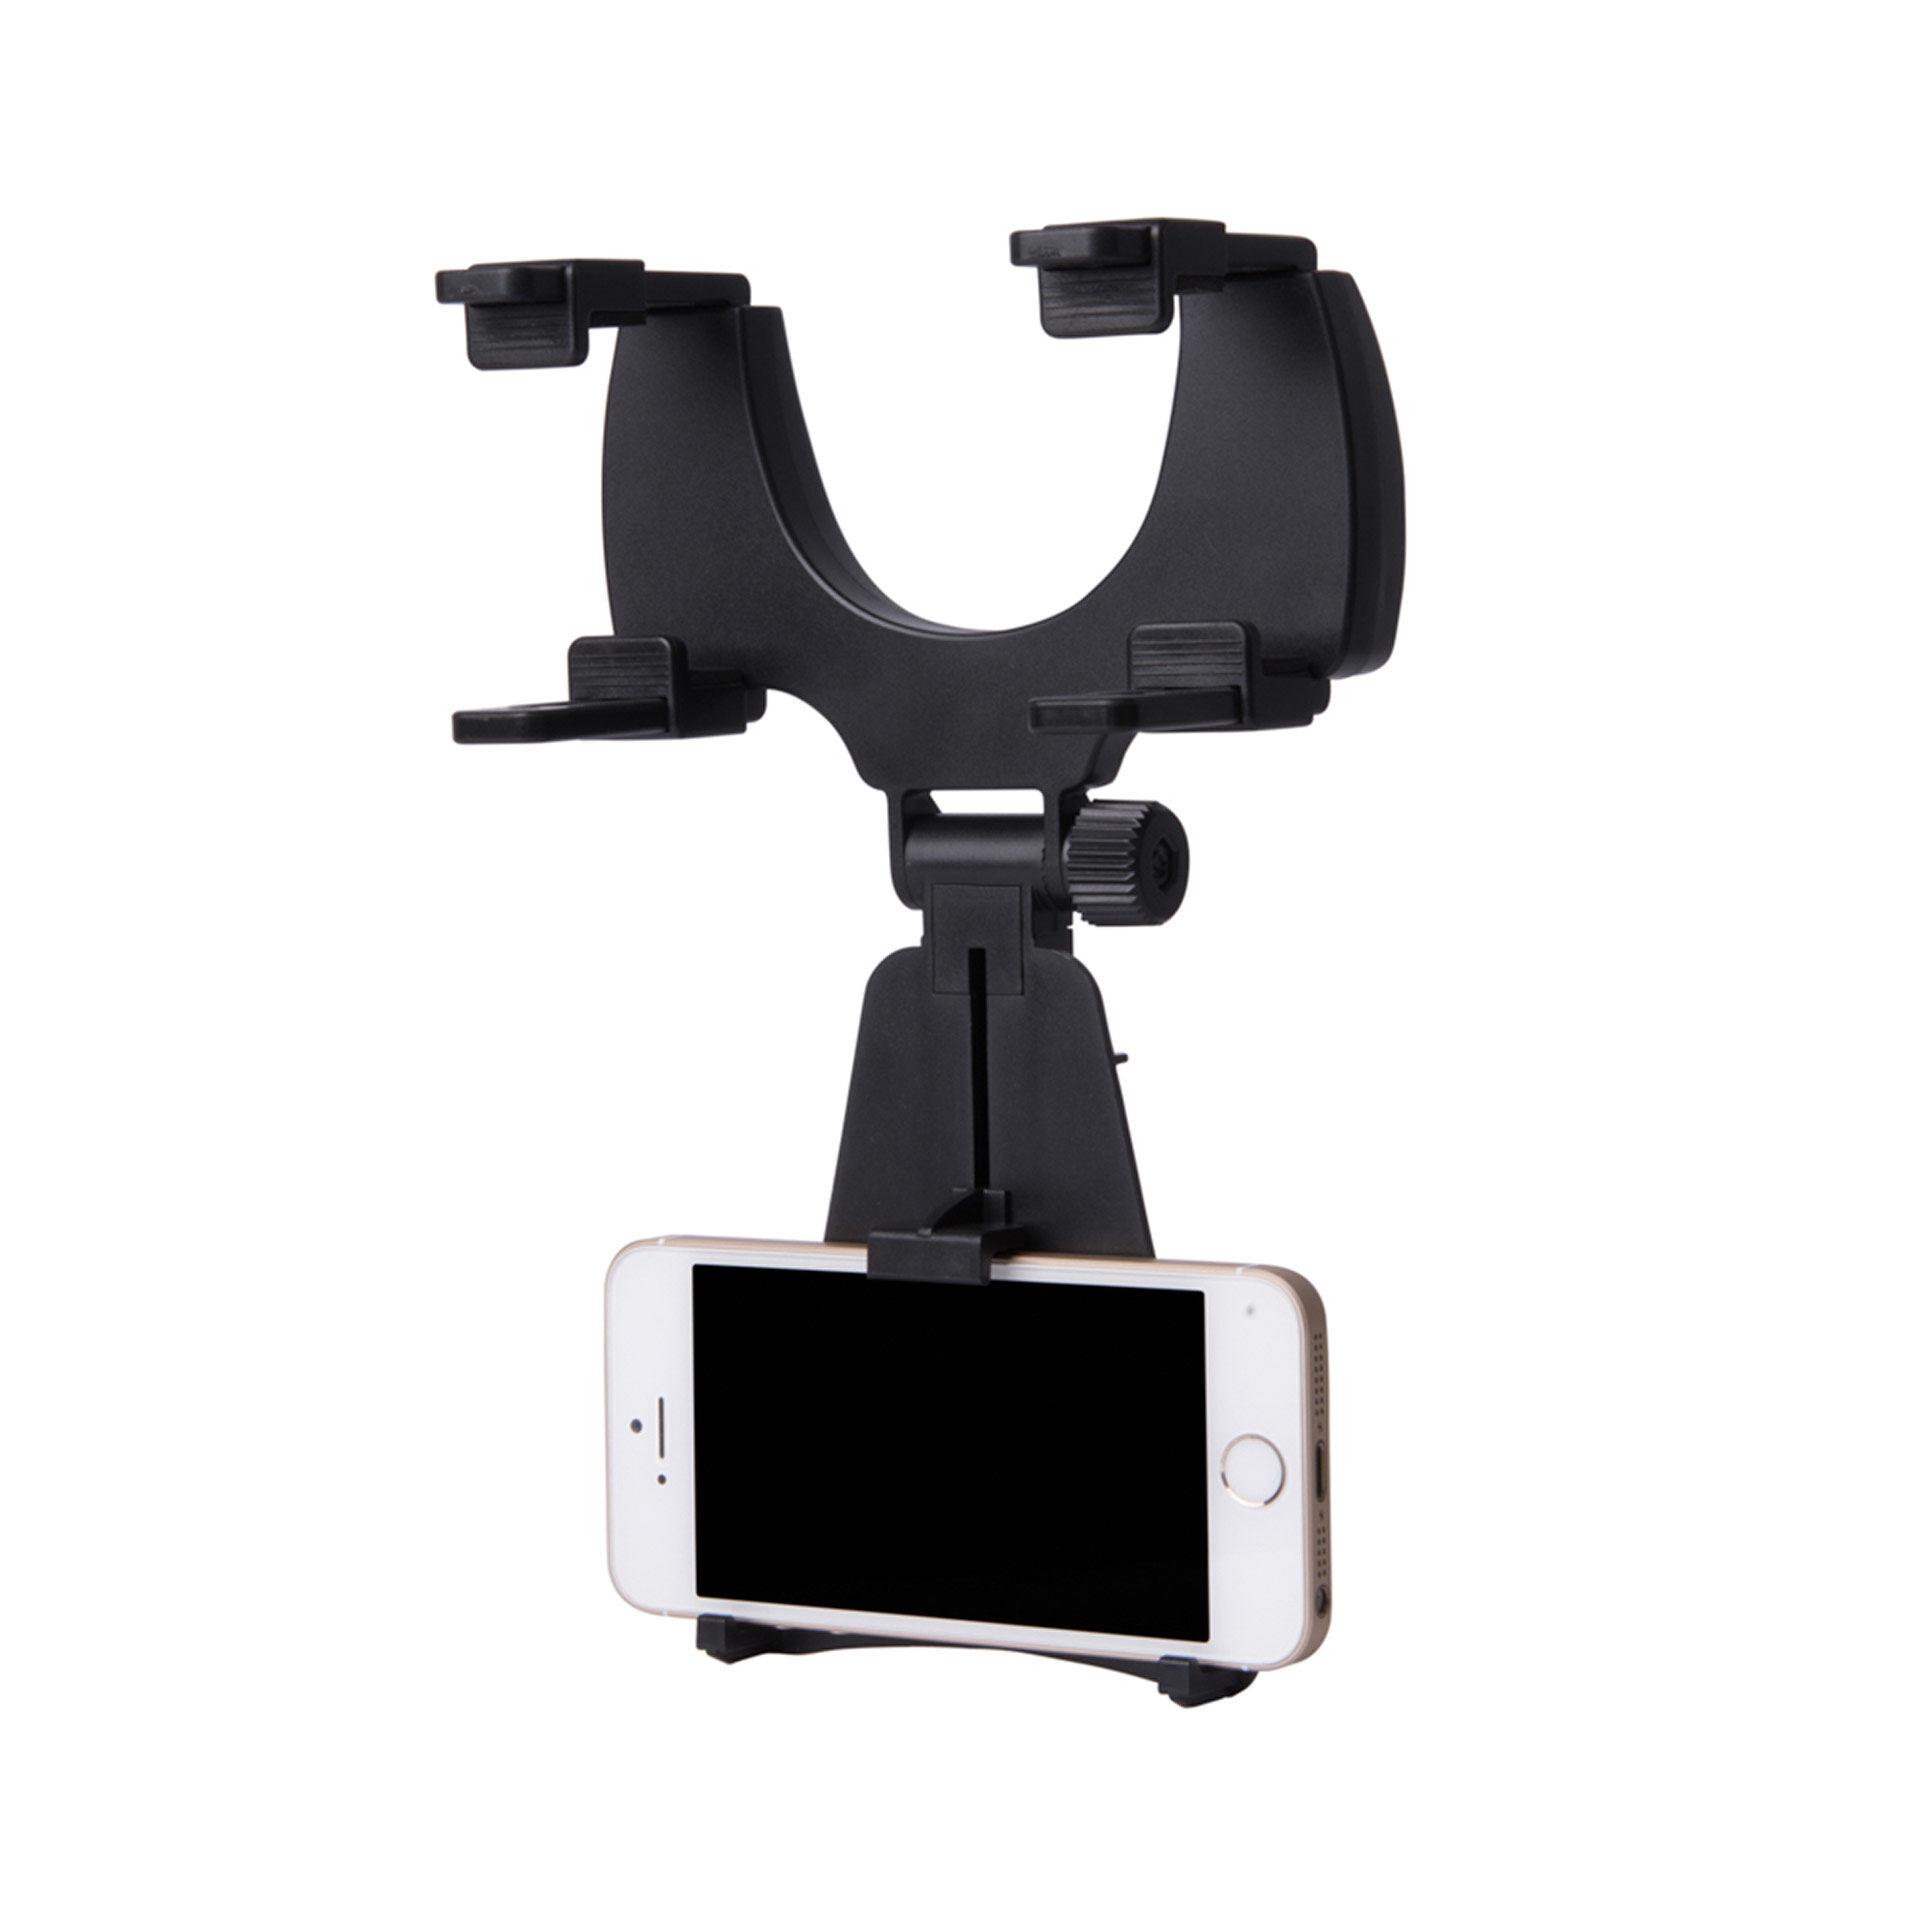 Support de smartphone pour rétroviseur, , large